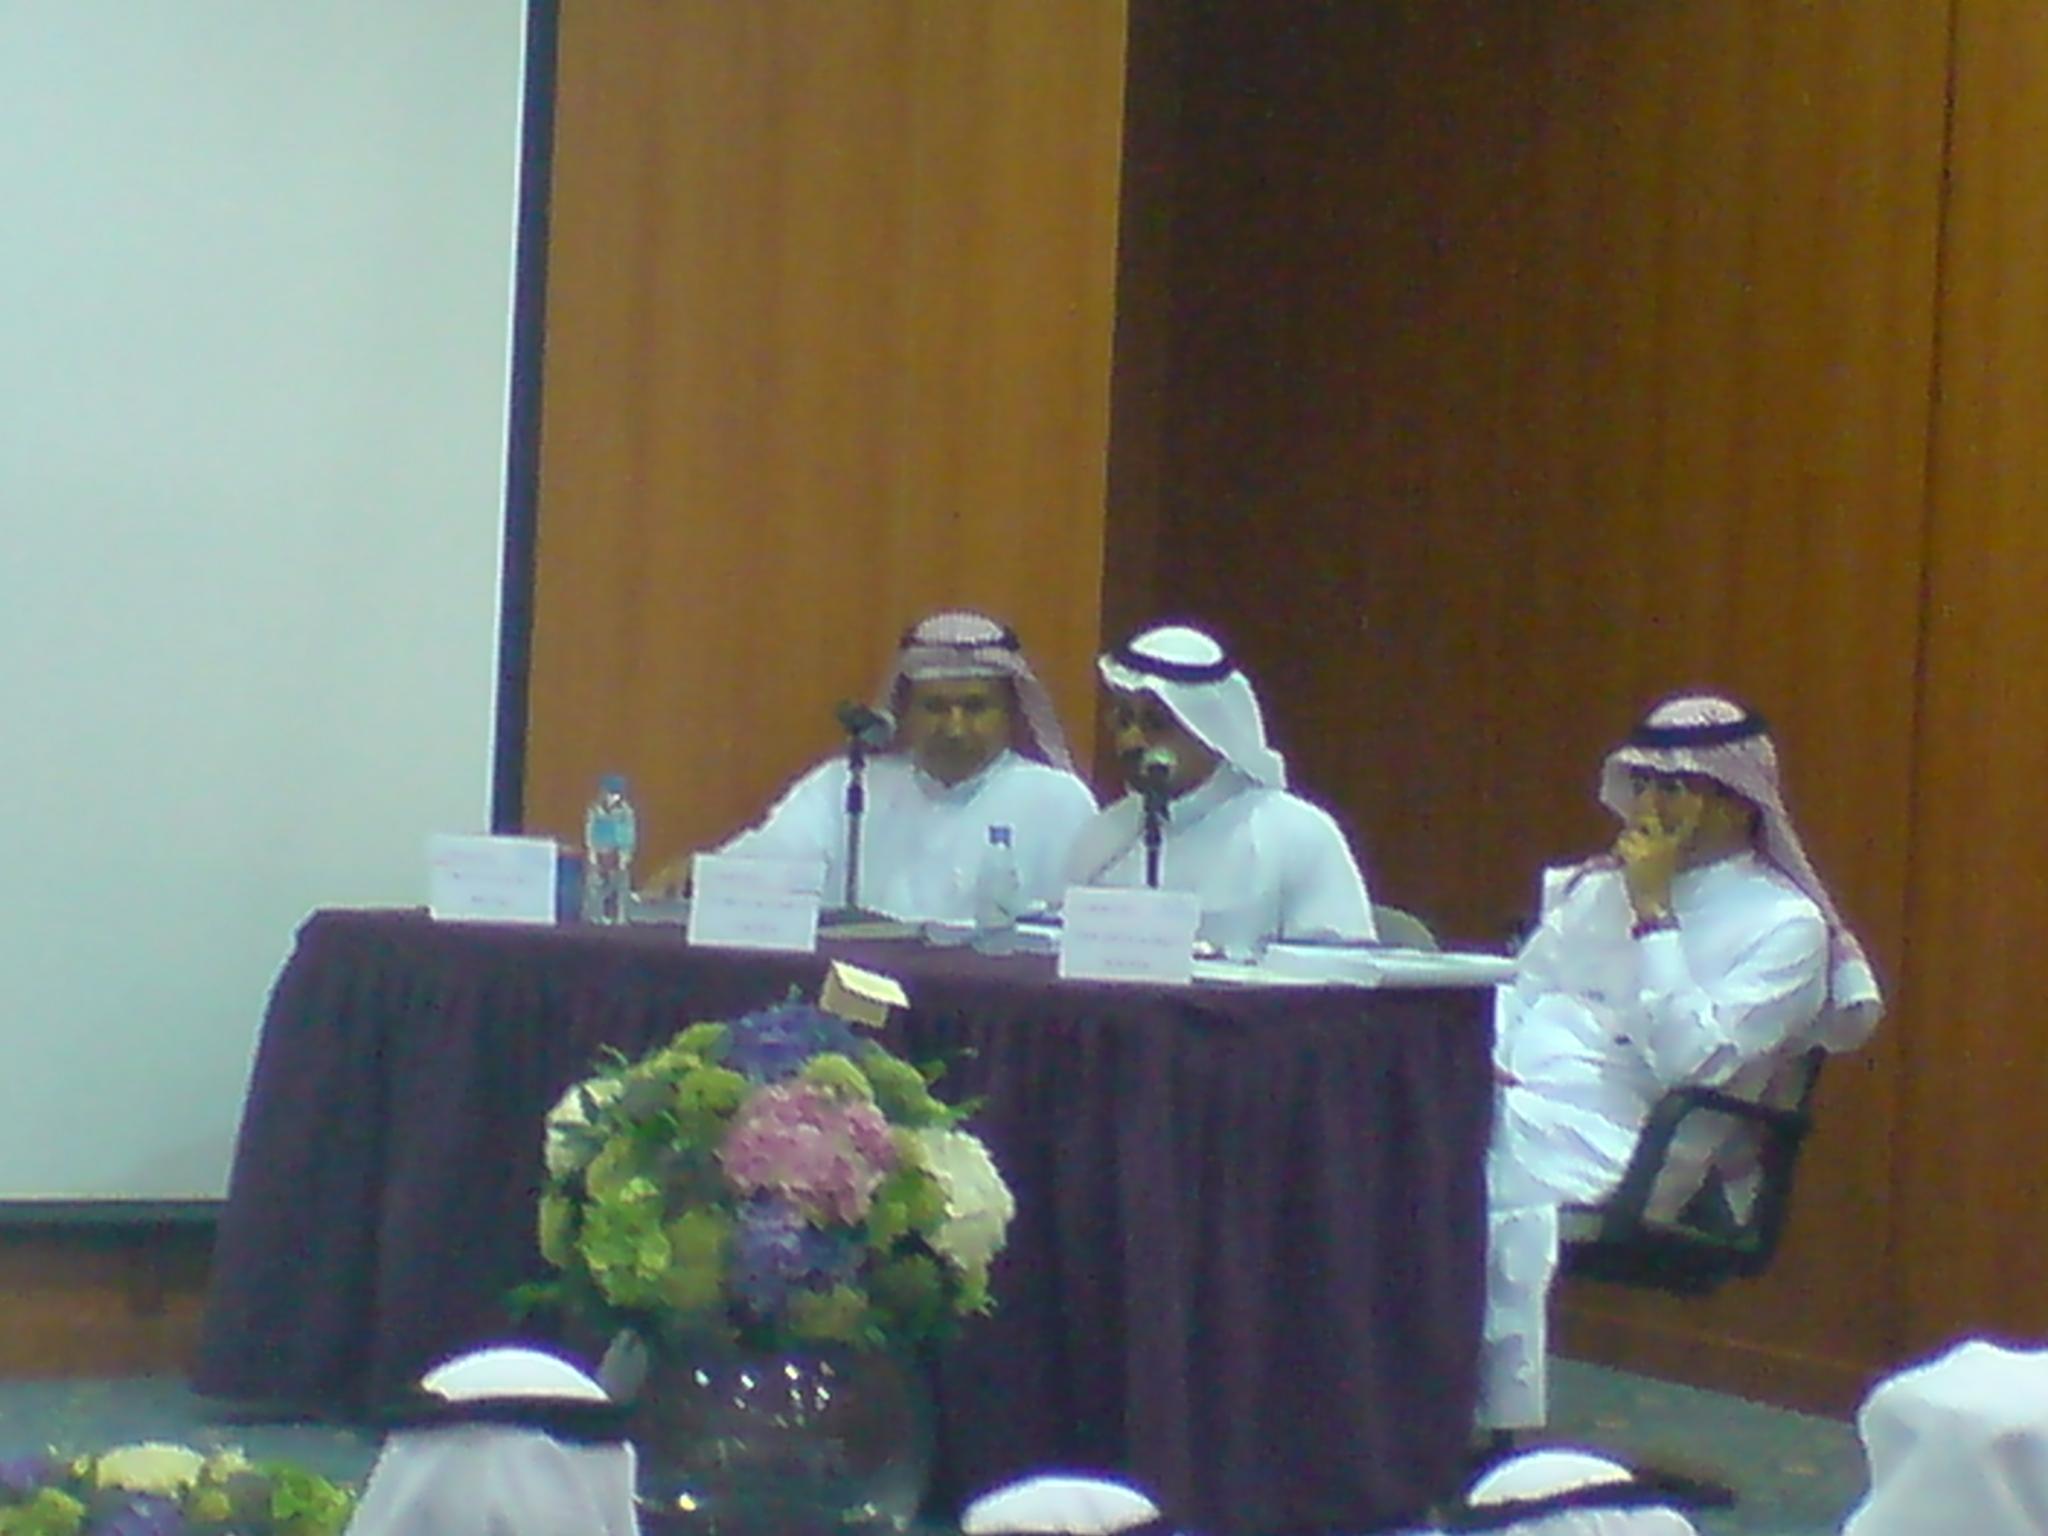 هند القحطاني أول سعودية تحصل على درجة الدكتوراة في التخطيط الحضري من جامعة سعودية